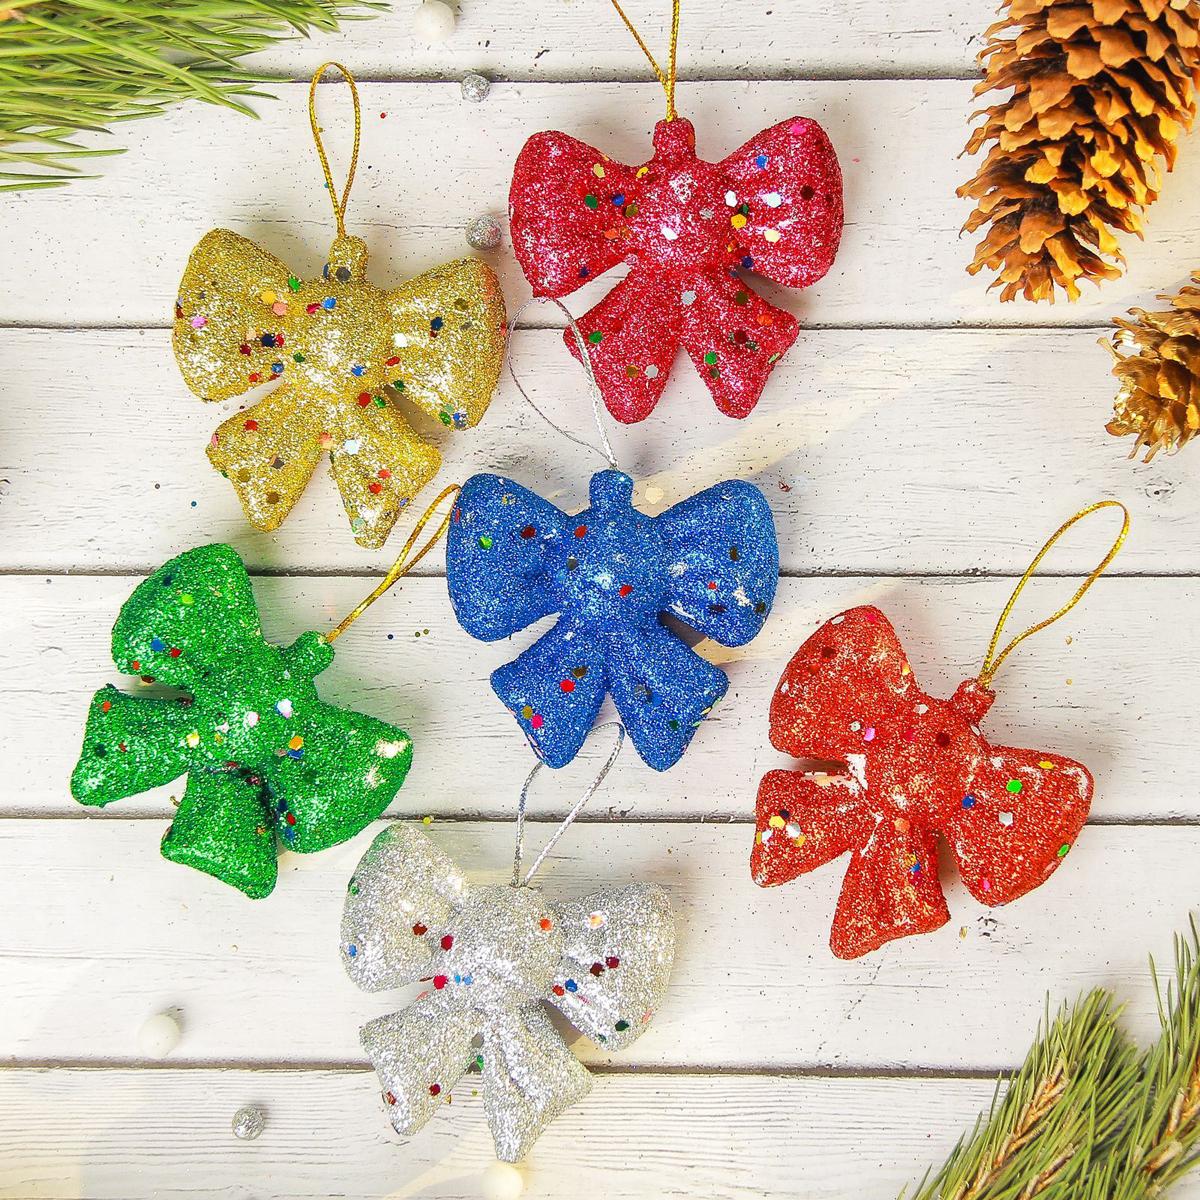 Украшение новогоднее елочное Sima-land Бантик разноцветный, 6 см, 6 шт2372142Невозможно представить нашу жизнь без праздников! Мы всегда ждём их и предвкушаем, обдумываем, как проведём памятный день, тщательно выбираем подарки и аксессуары, ведь именно они создают и поддерживают торжественный настрой.